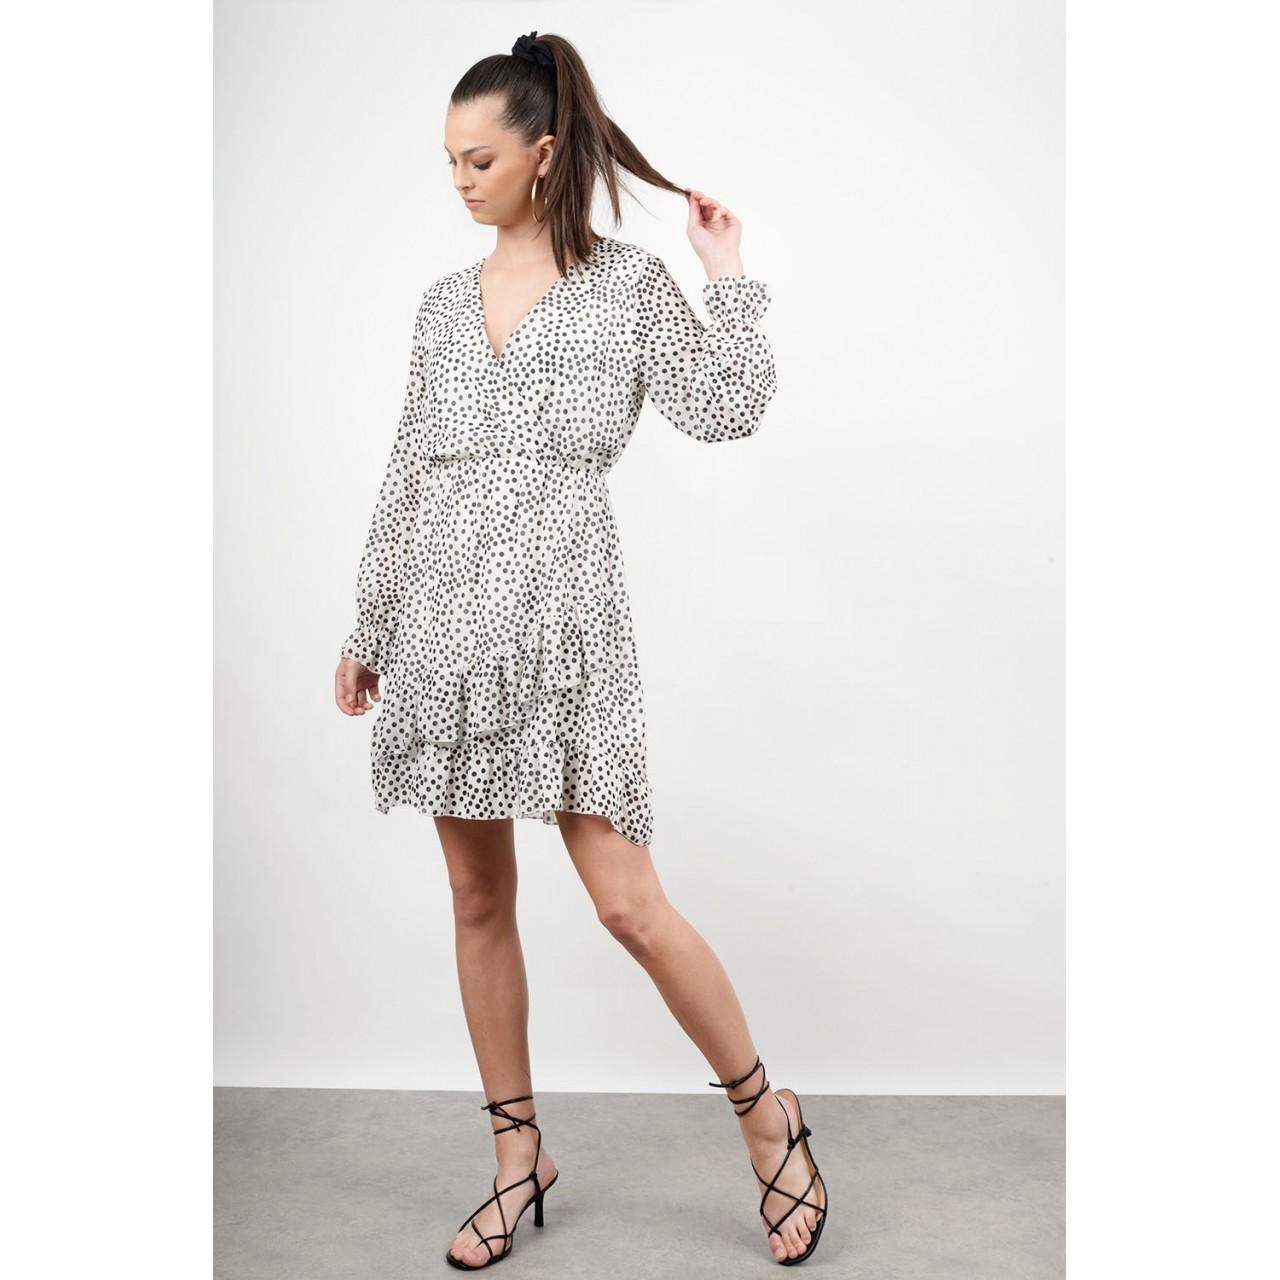 Polka dotted ruffled dress